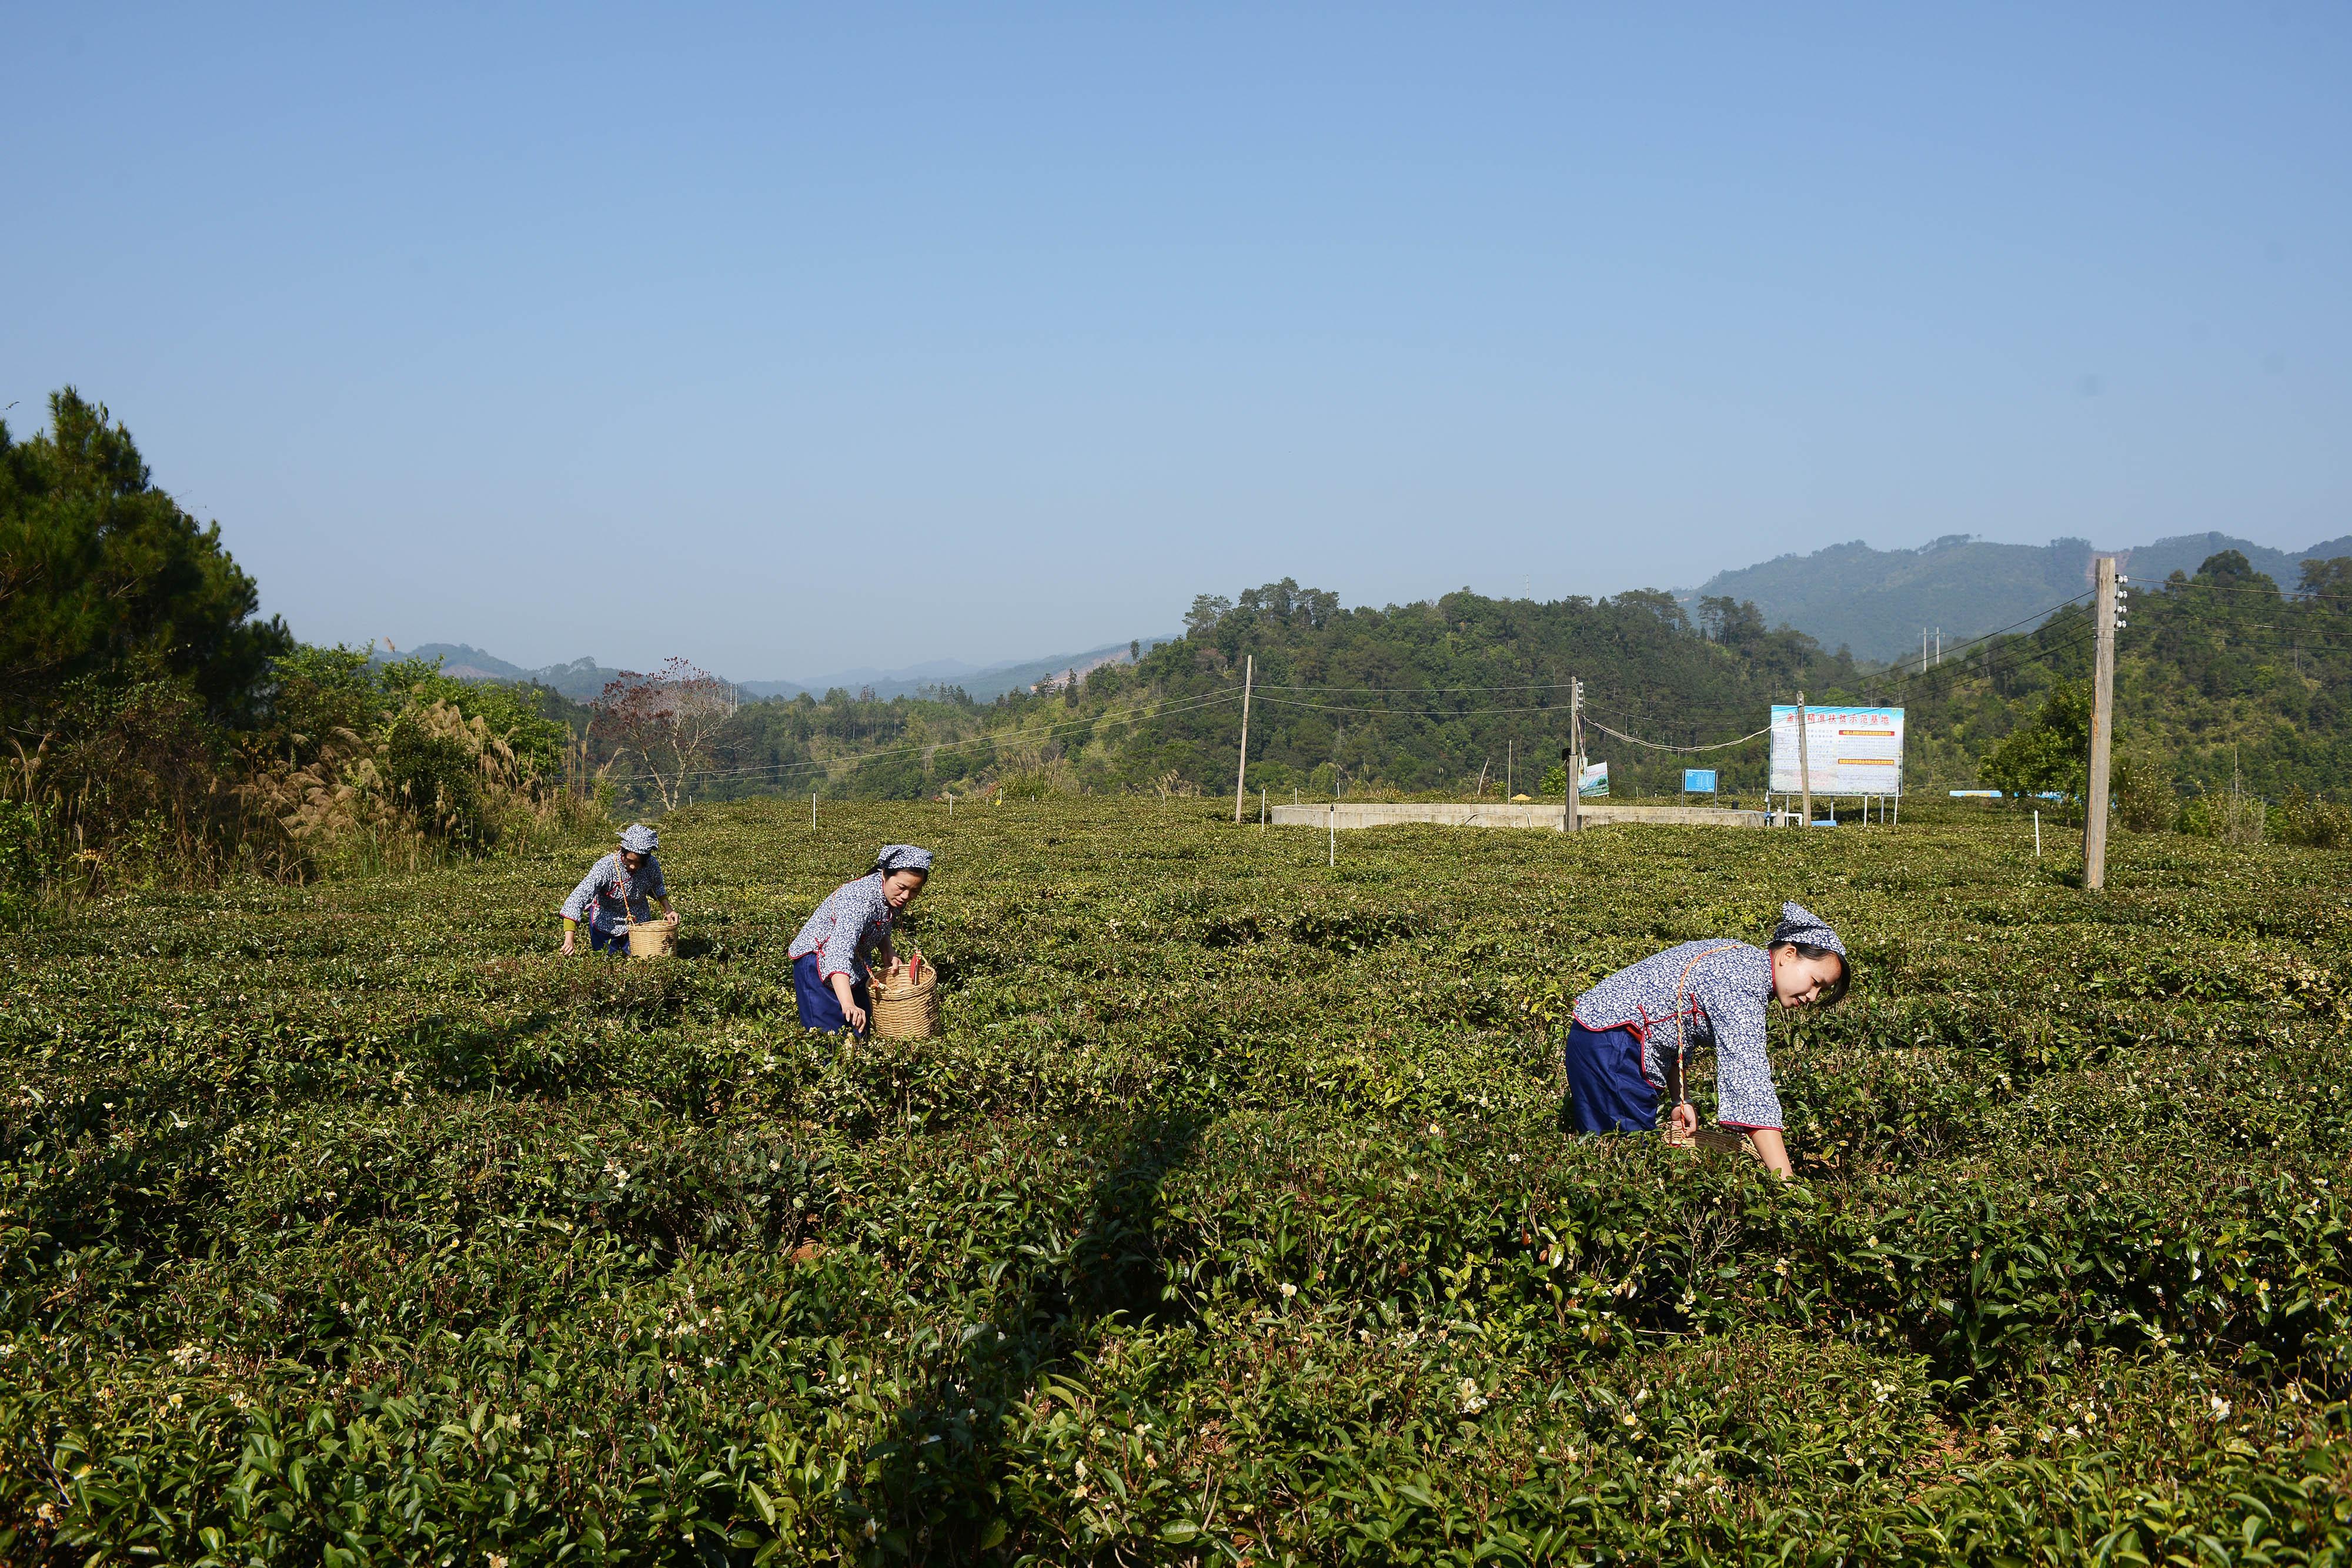 工作人员在广西苍梧六堡镇一茶叶种植基地劳作(2016年12月30日摄)。新华社记者 王全超摄